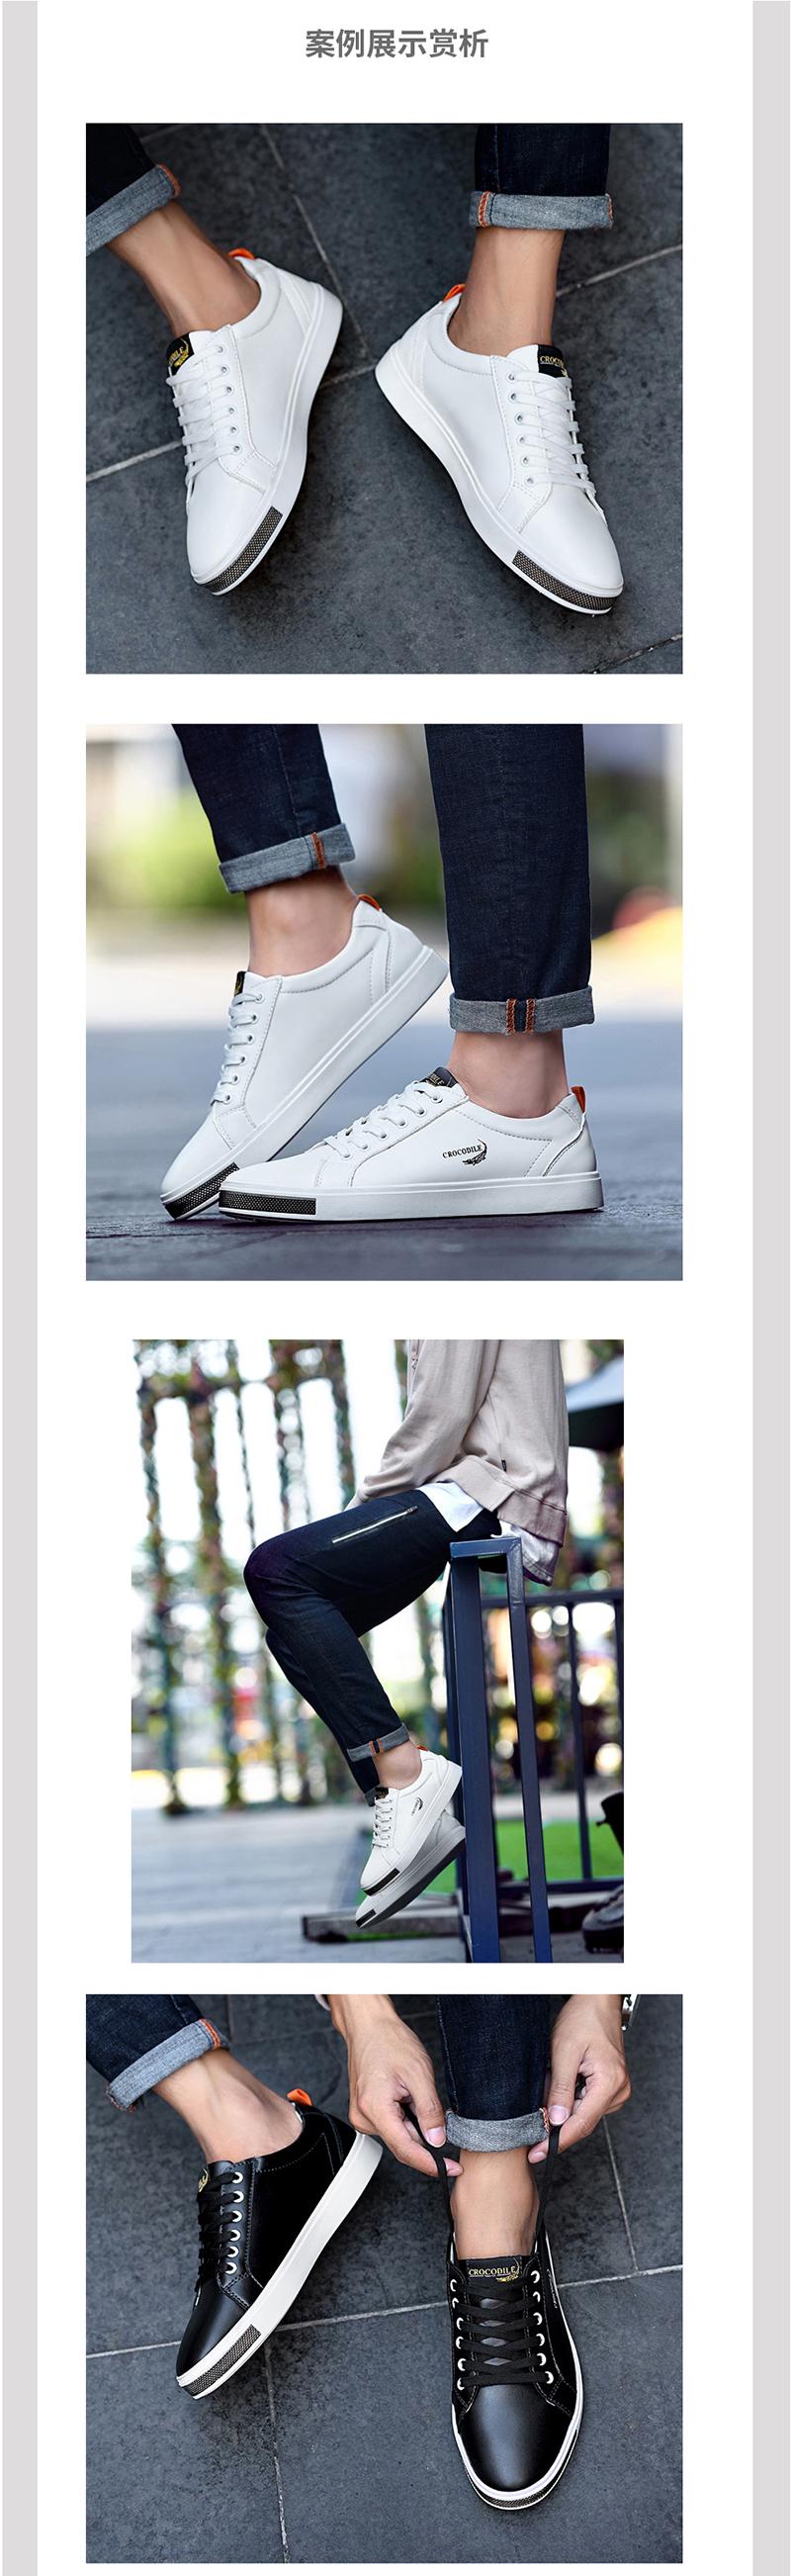 男鞋_01.jpg